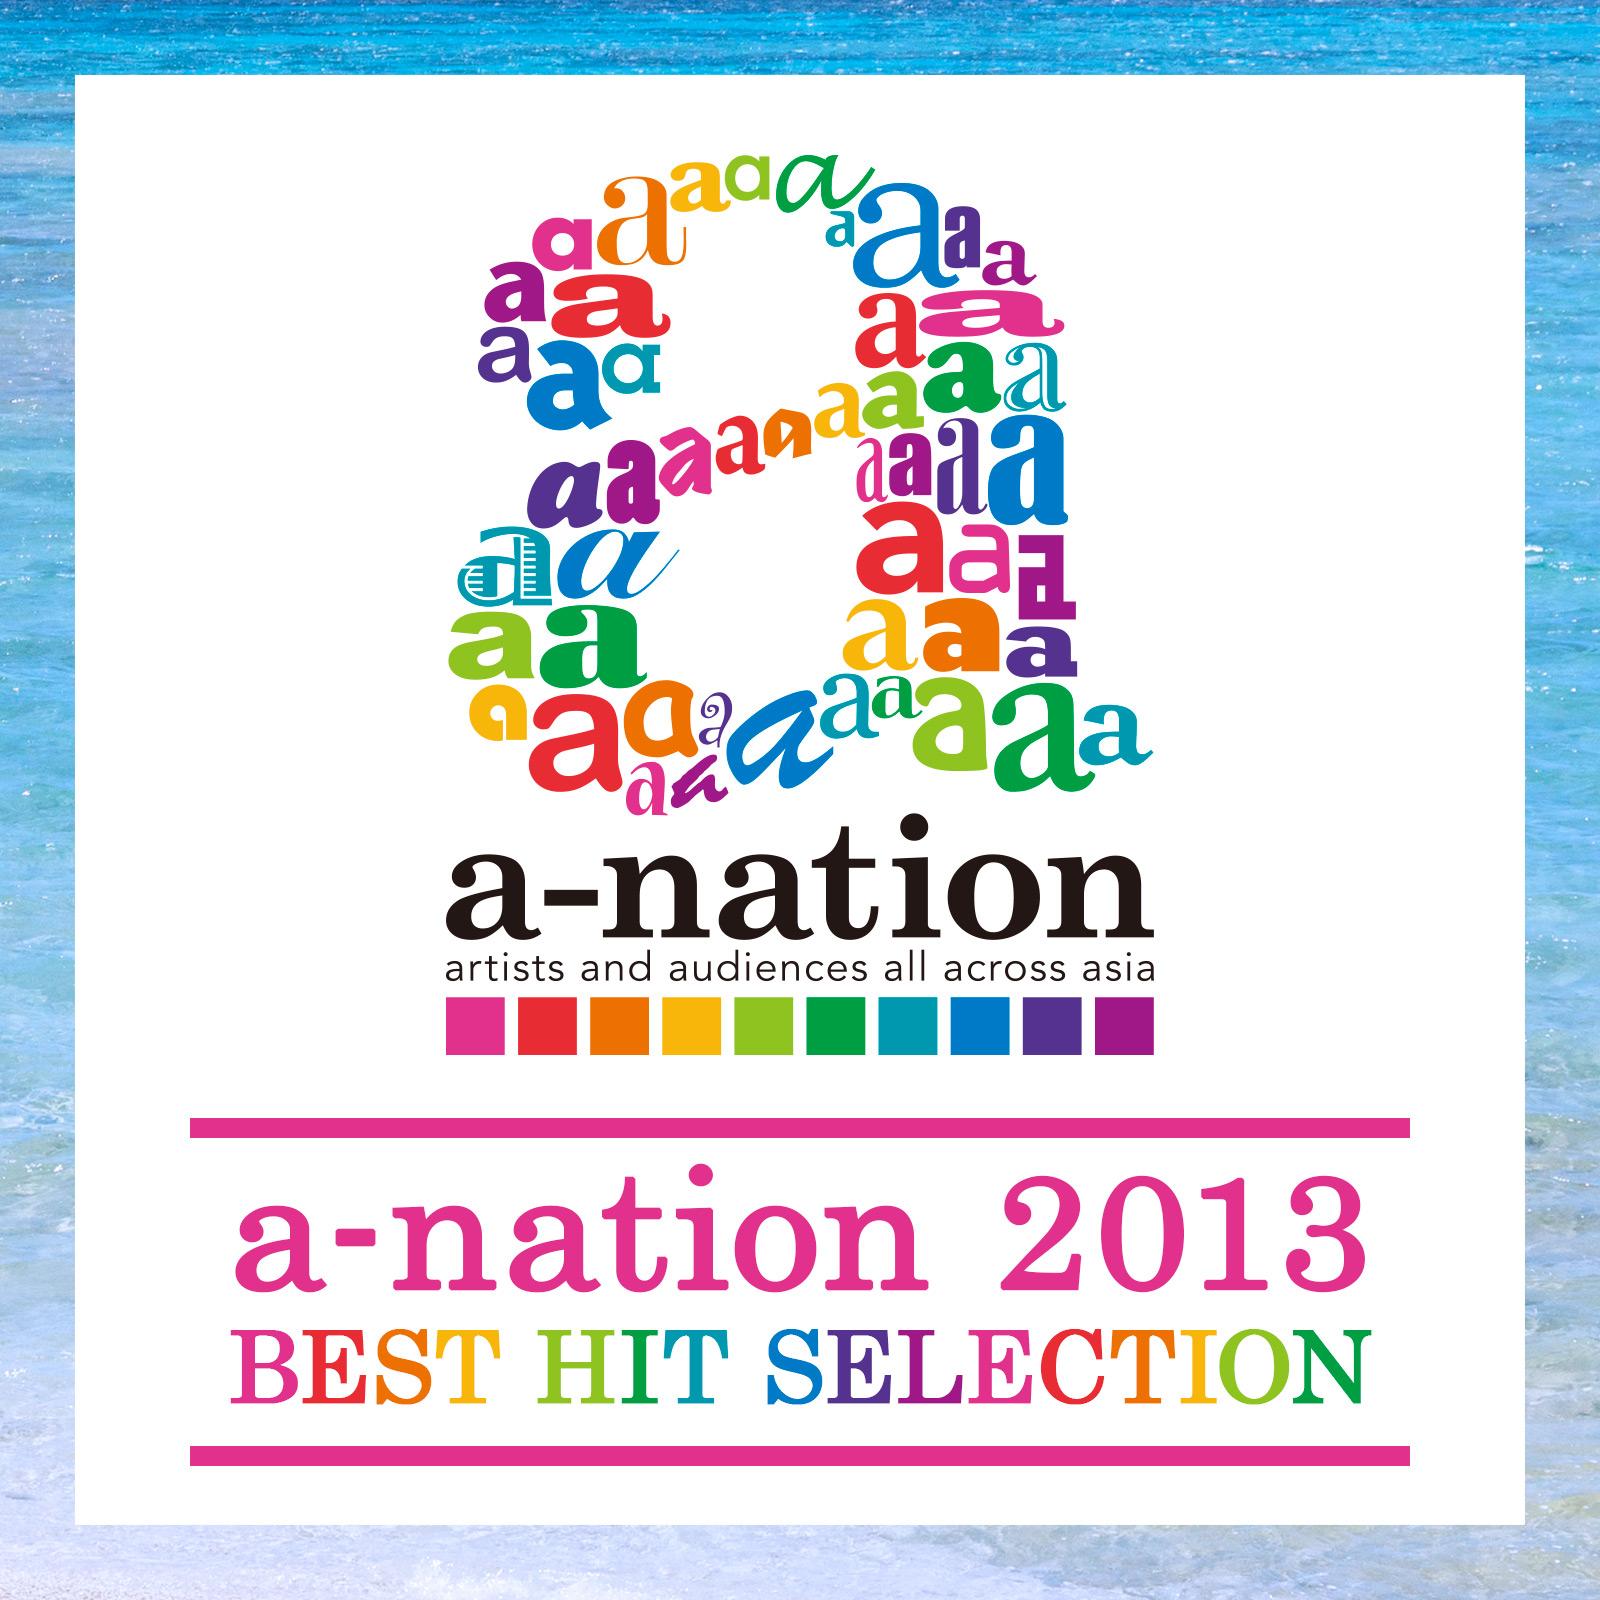 コンピレーションアルバム『a-nation 2013 BEST HIT SELECTION』